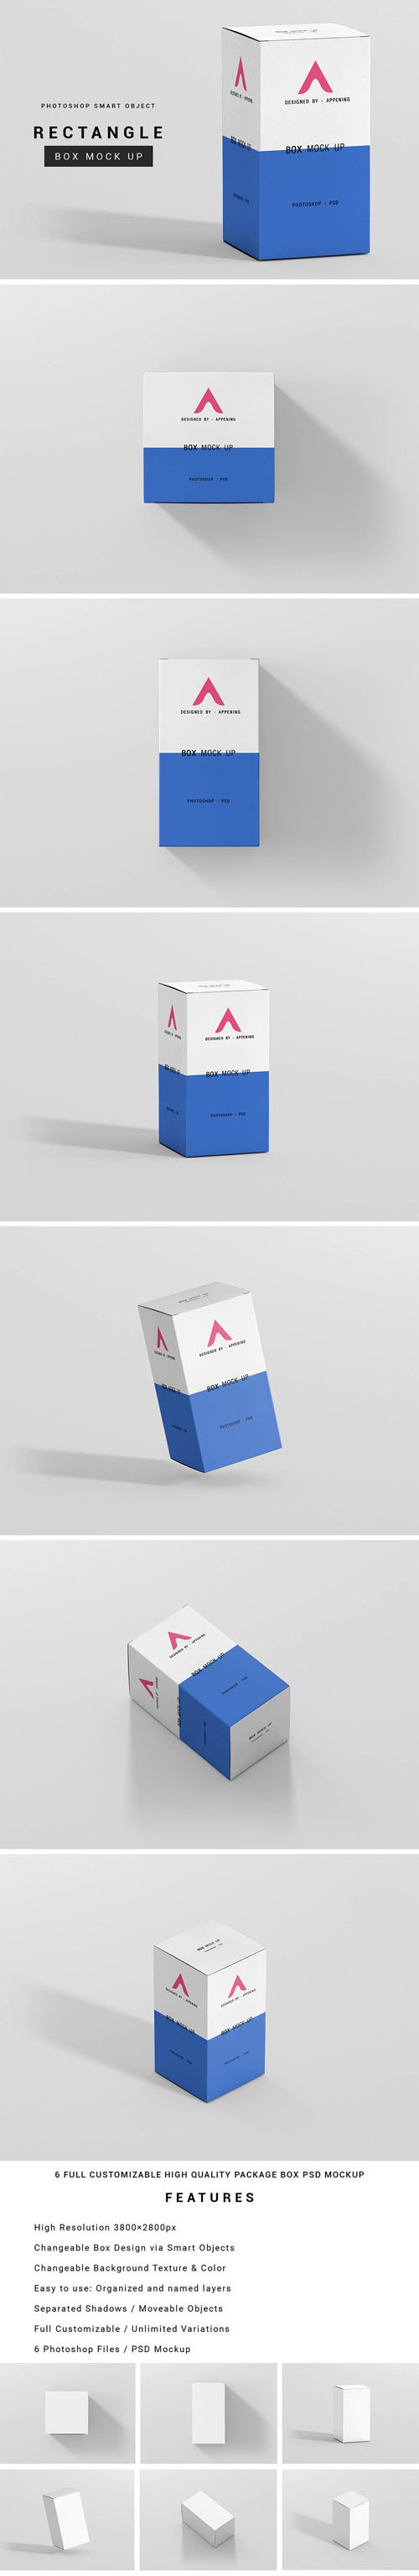 Rectangle Box PSD Mockups Templates